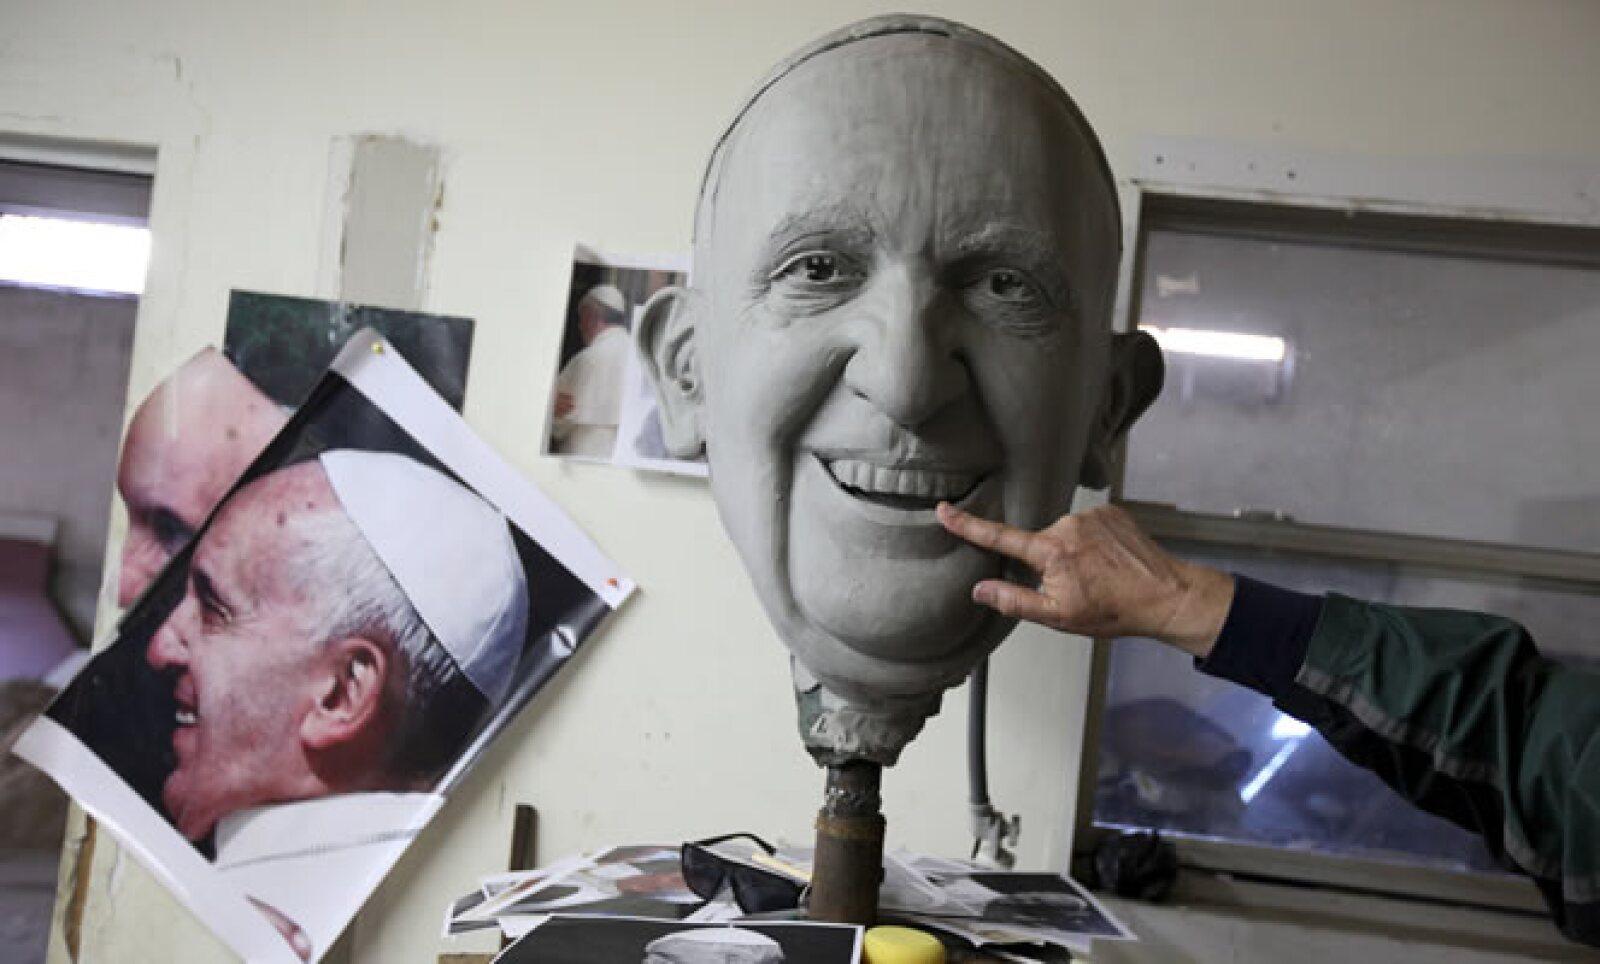 Un escultor en Ciudad Juárez creó un molde con la cara del pontífice argentino.